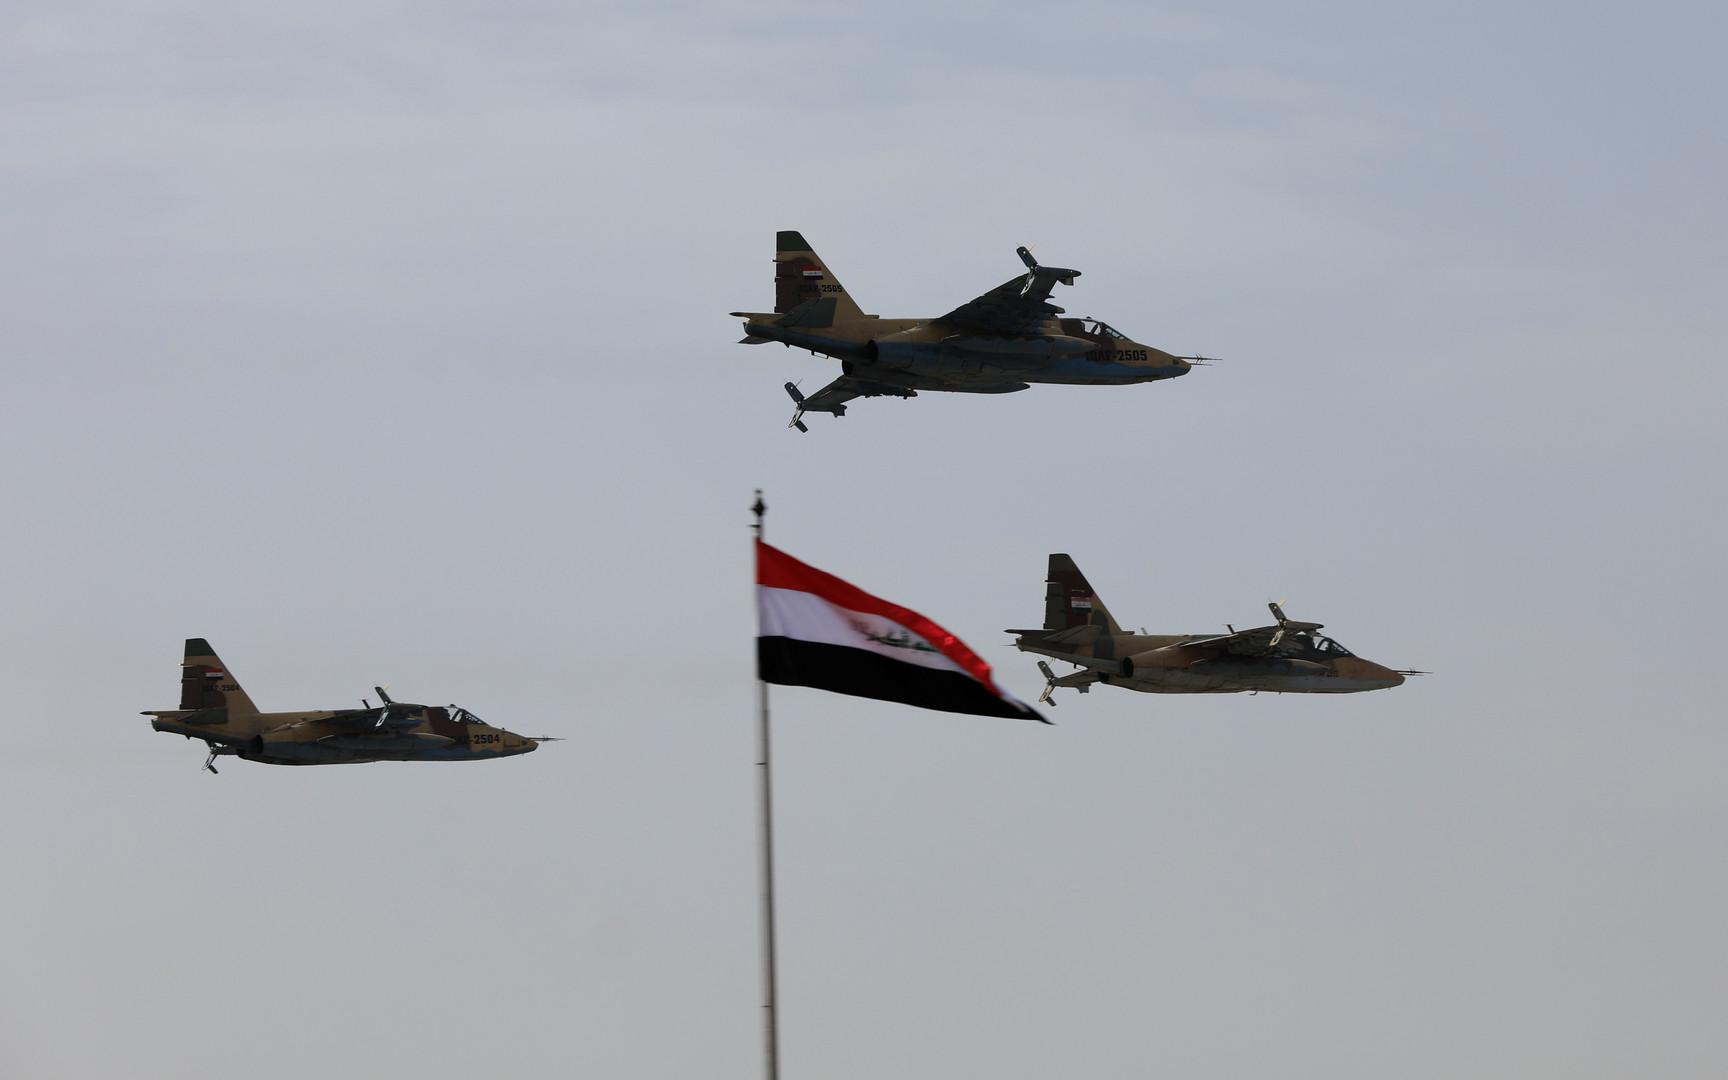 العراق.. انطلاق عملية عسكرية في ثلاث محافظات حتى الحدود مع سوريا